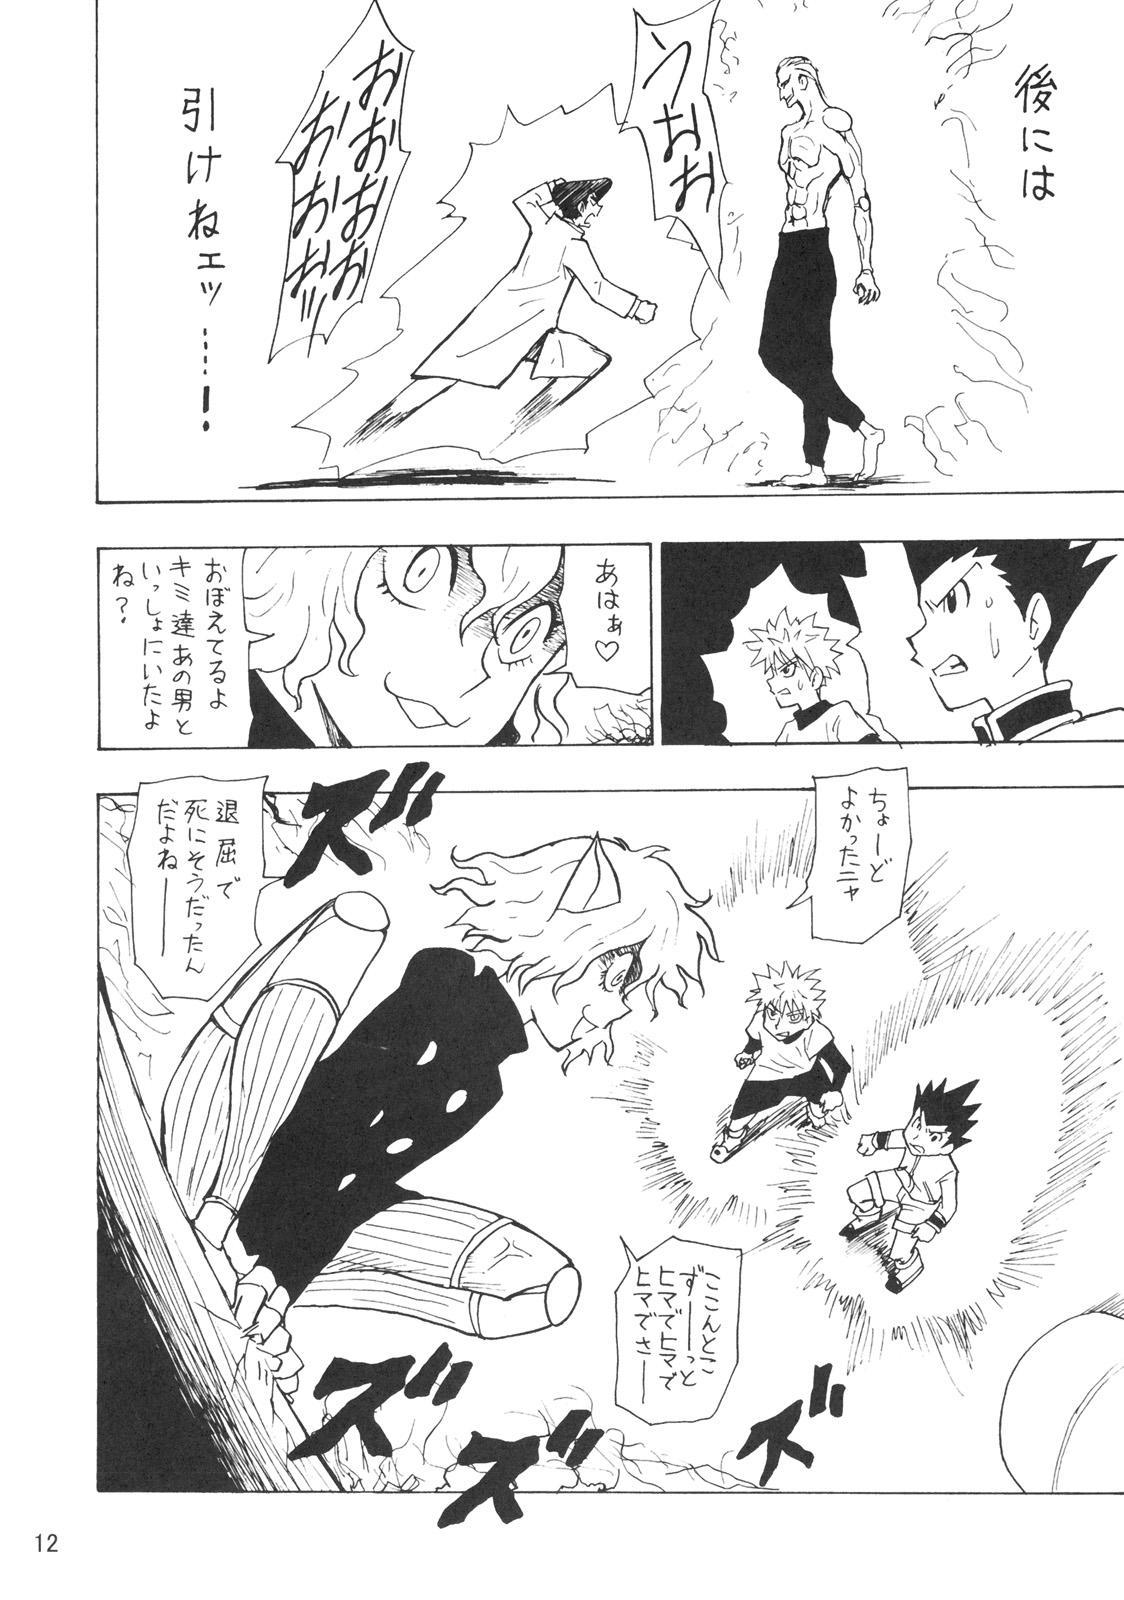 Kidou San 10